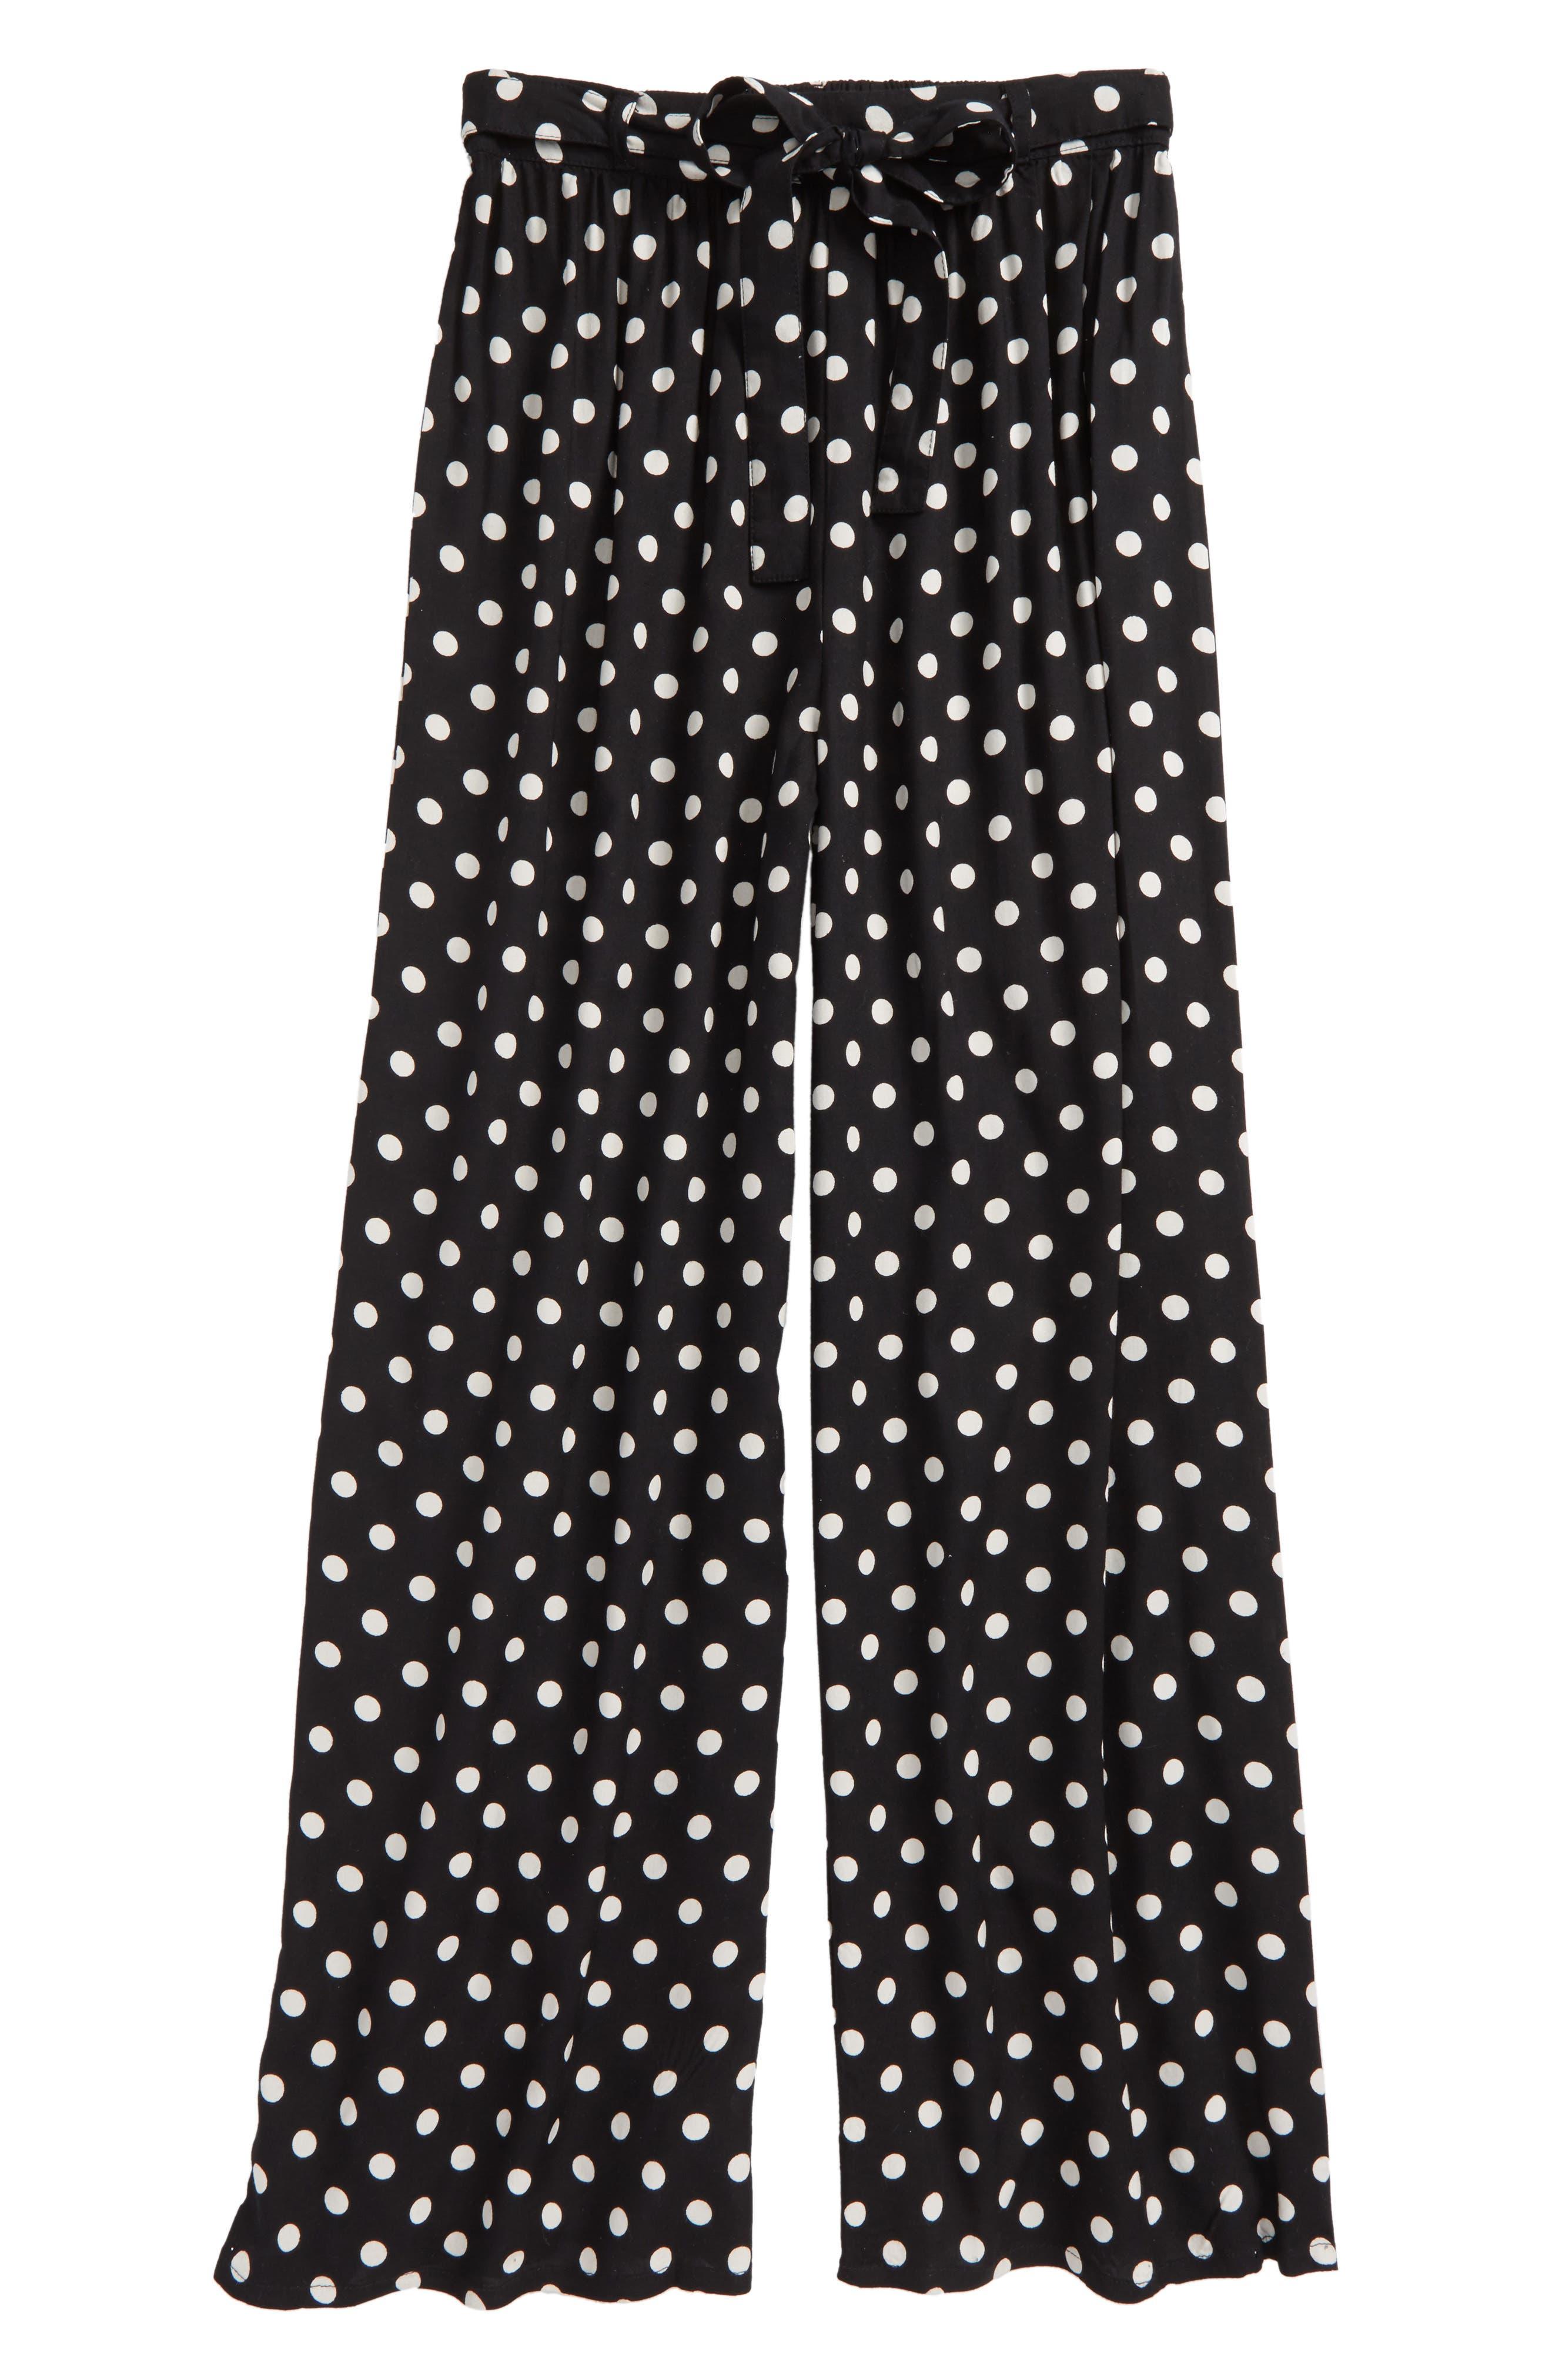 Zoe & Rose Polka Dot Wide Leg Pants,                             Main thumbnail 1, color,                             Black/ Ivory